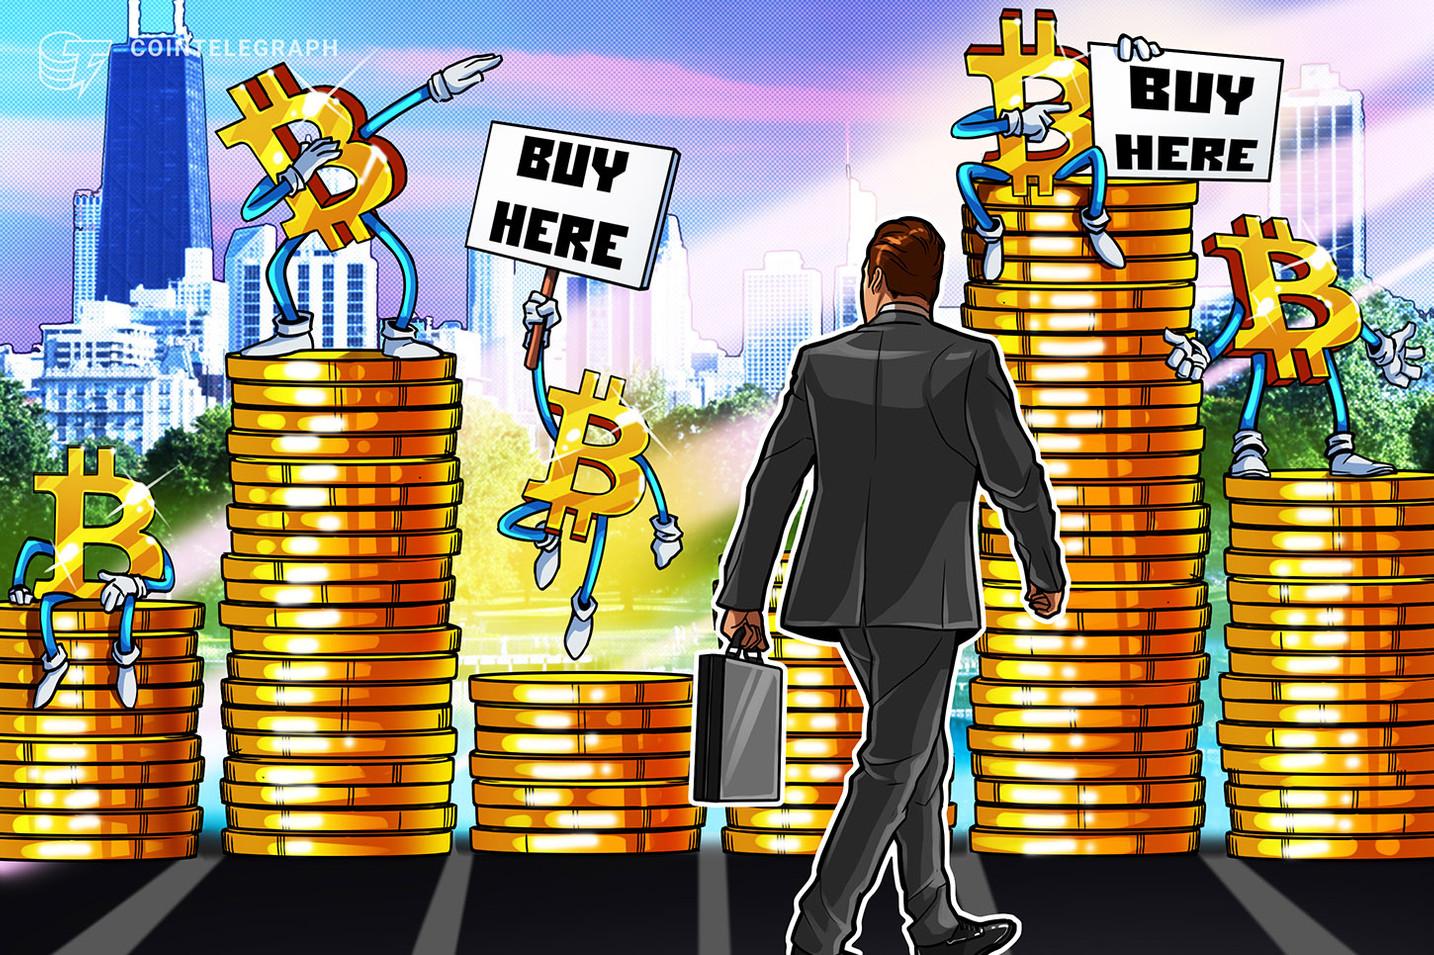 NYDIG und Q2 wollen Bitcoin für 18 Mio. US-Bankkunden verfügbar machen